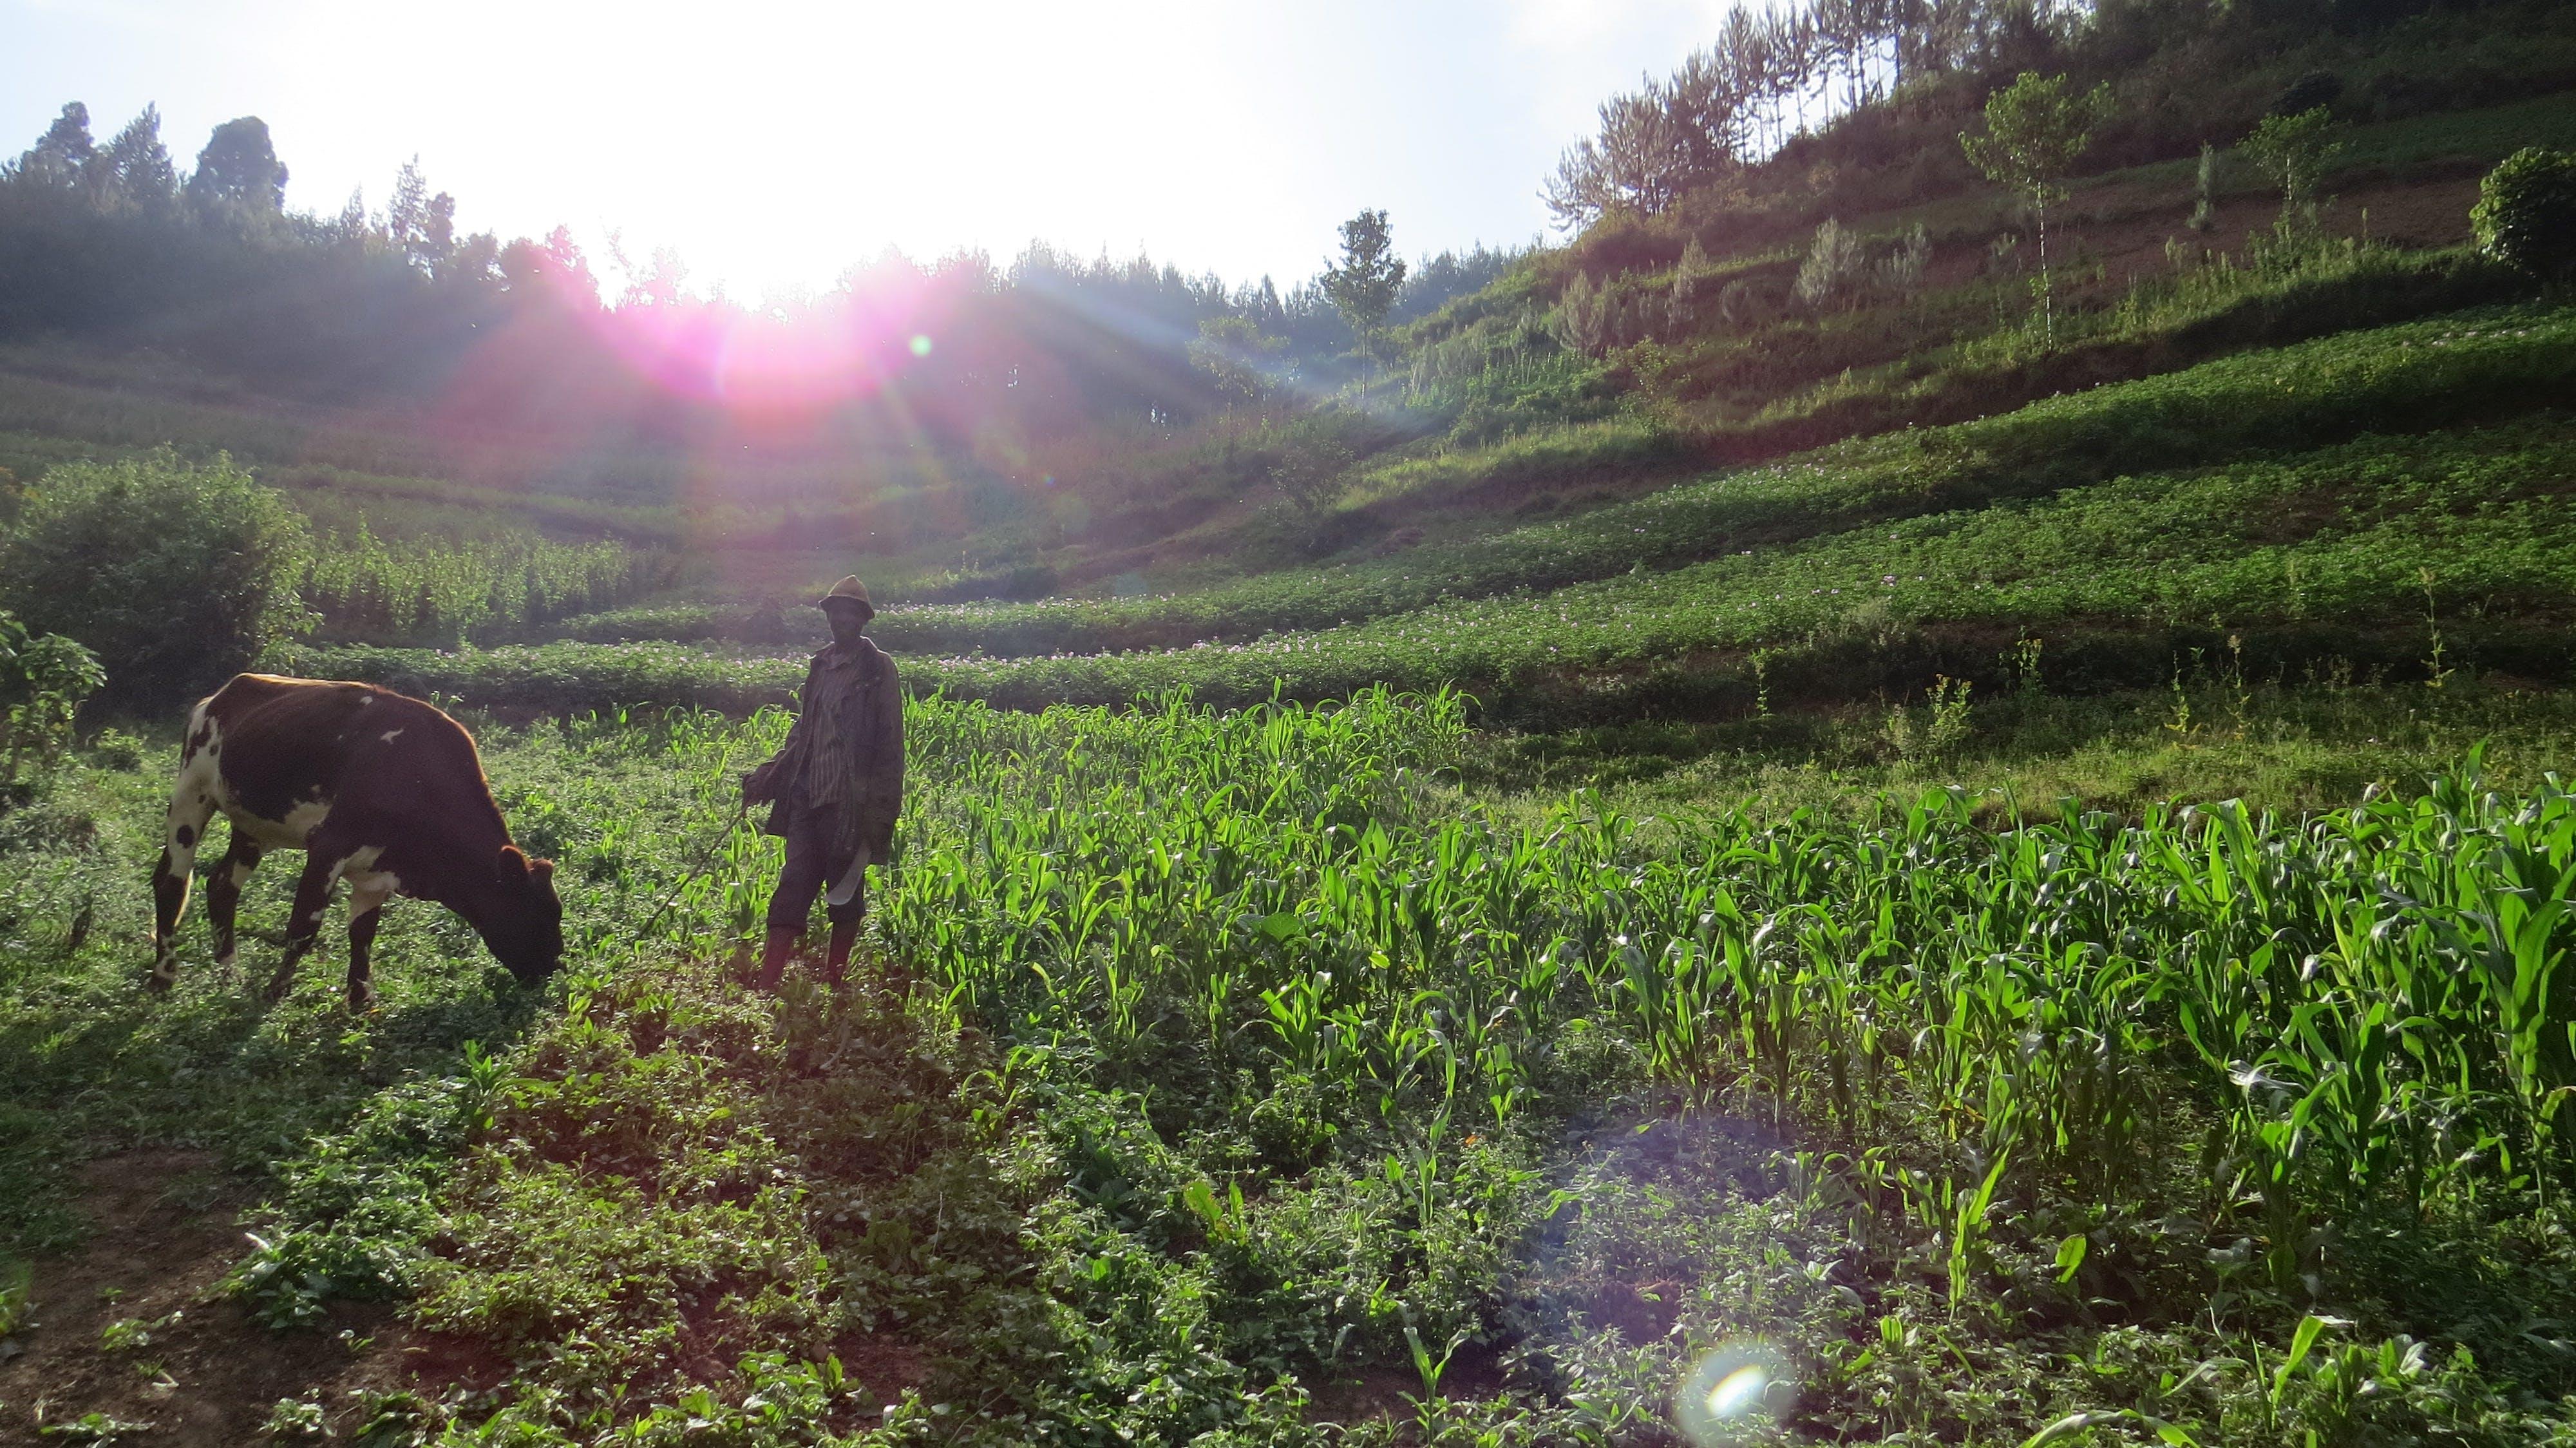 Δωρεάν στοκ φωτογραφιών με bwindi αδιαπέραστο, rushaga, αγρότης, Αφρική